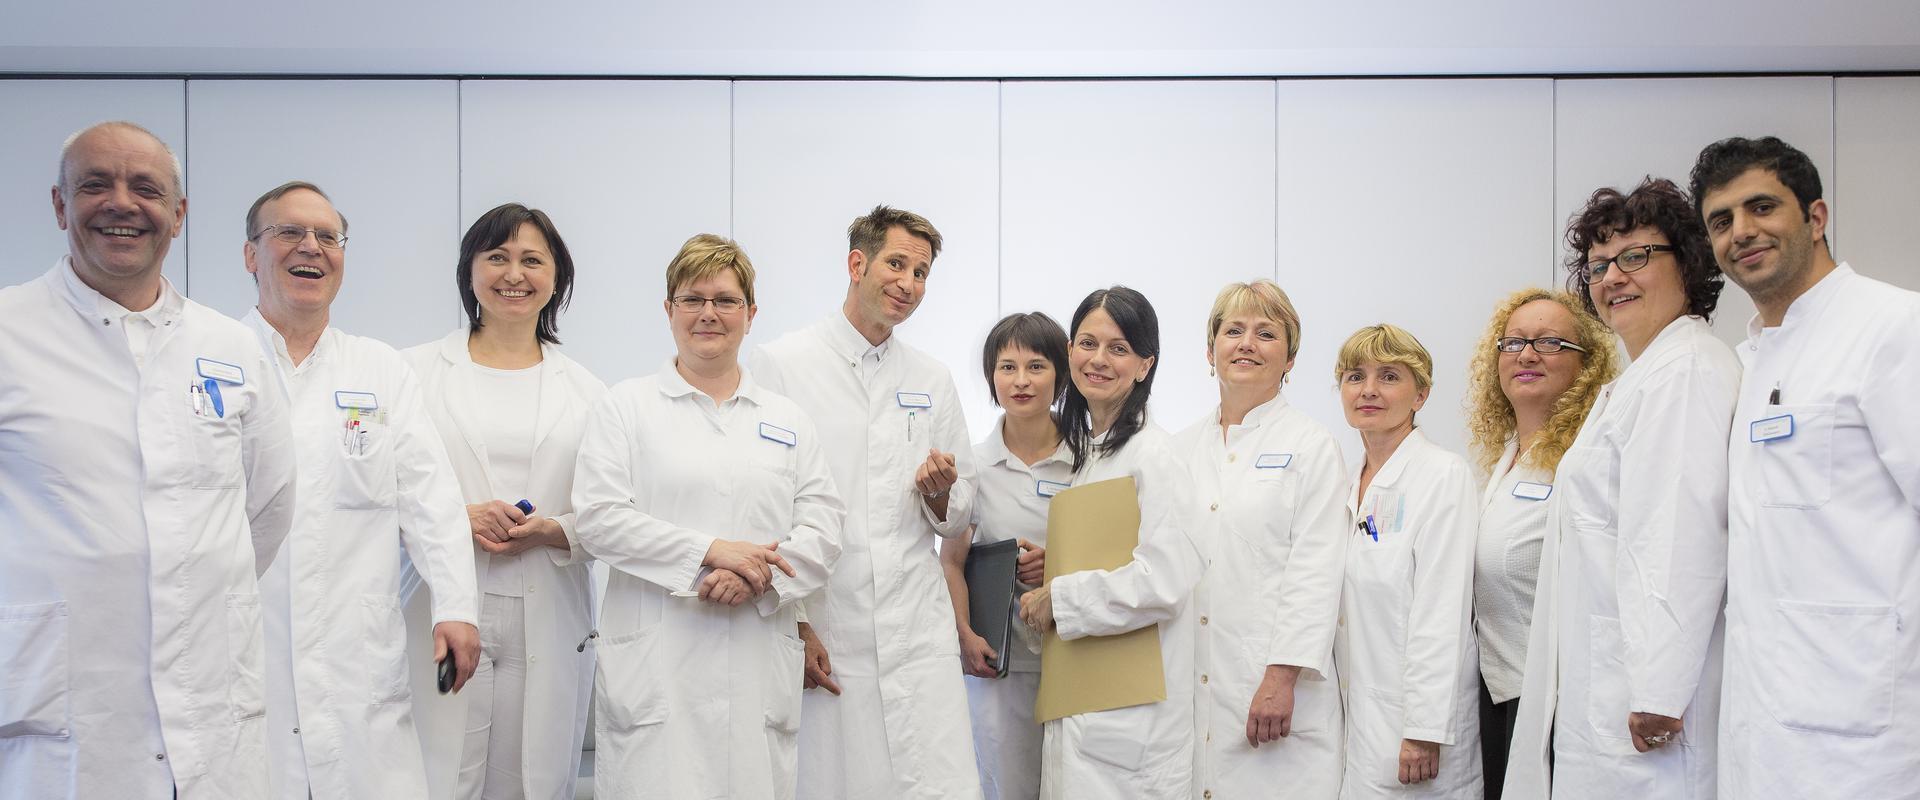 Gruppenfoto der Ärzte in der MEDIAN Klinik Bad Lausick